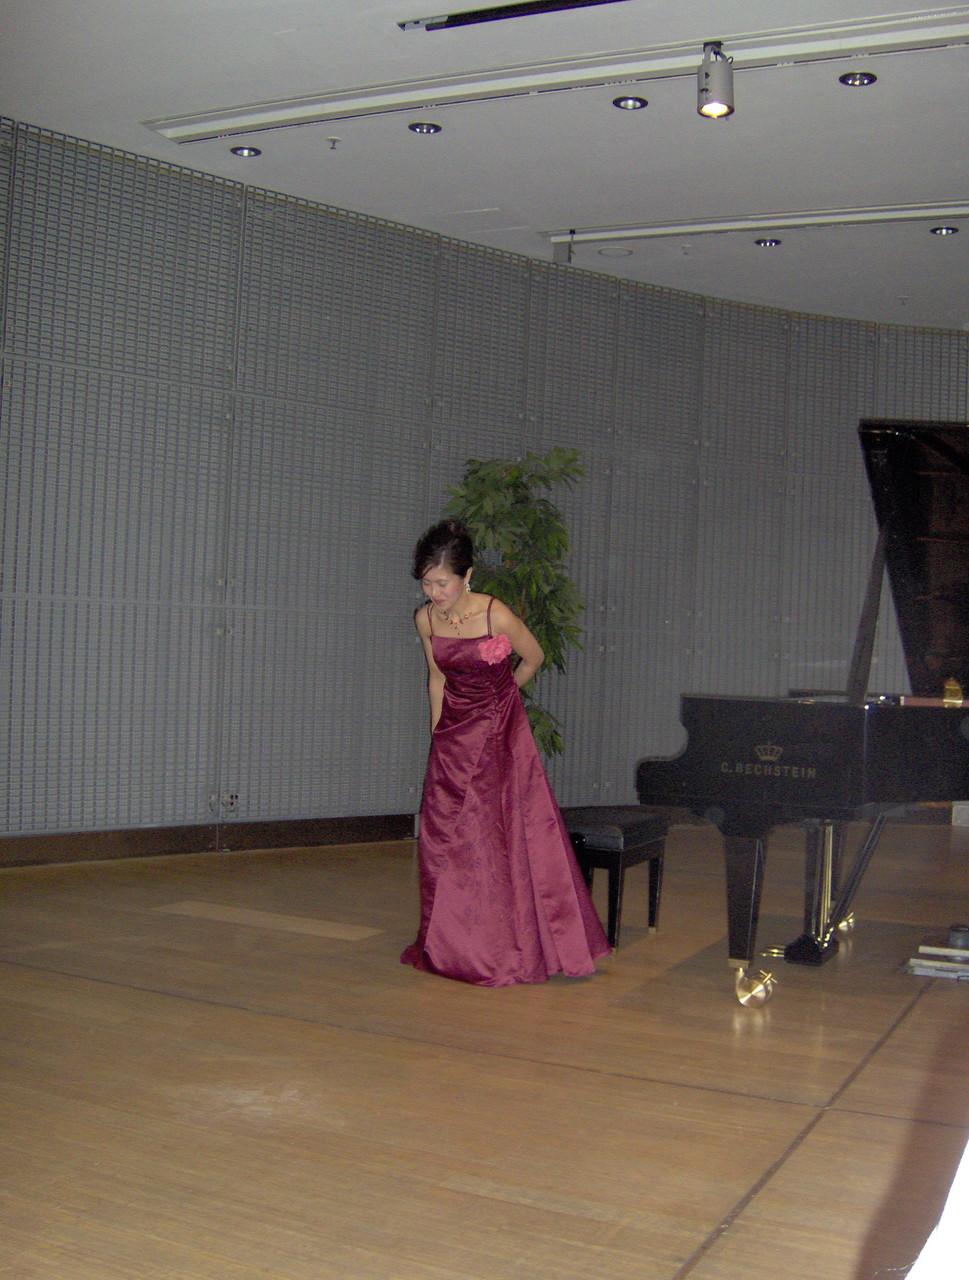 Klavierabend 2007  ピアノ・リサイタル2007